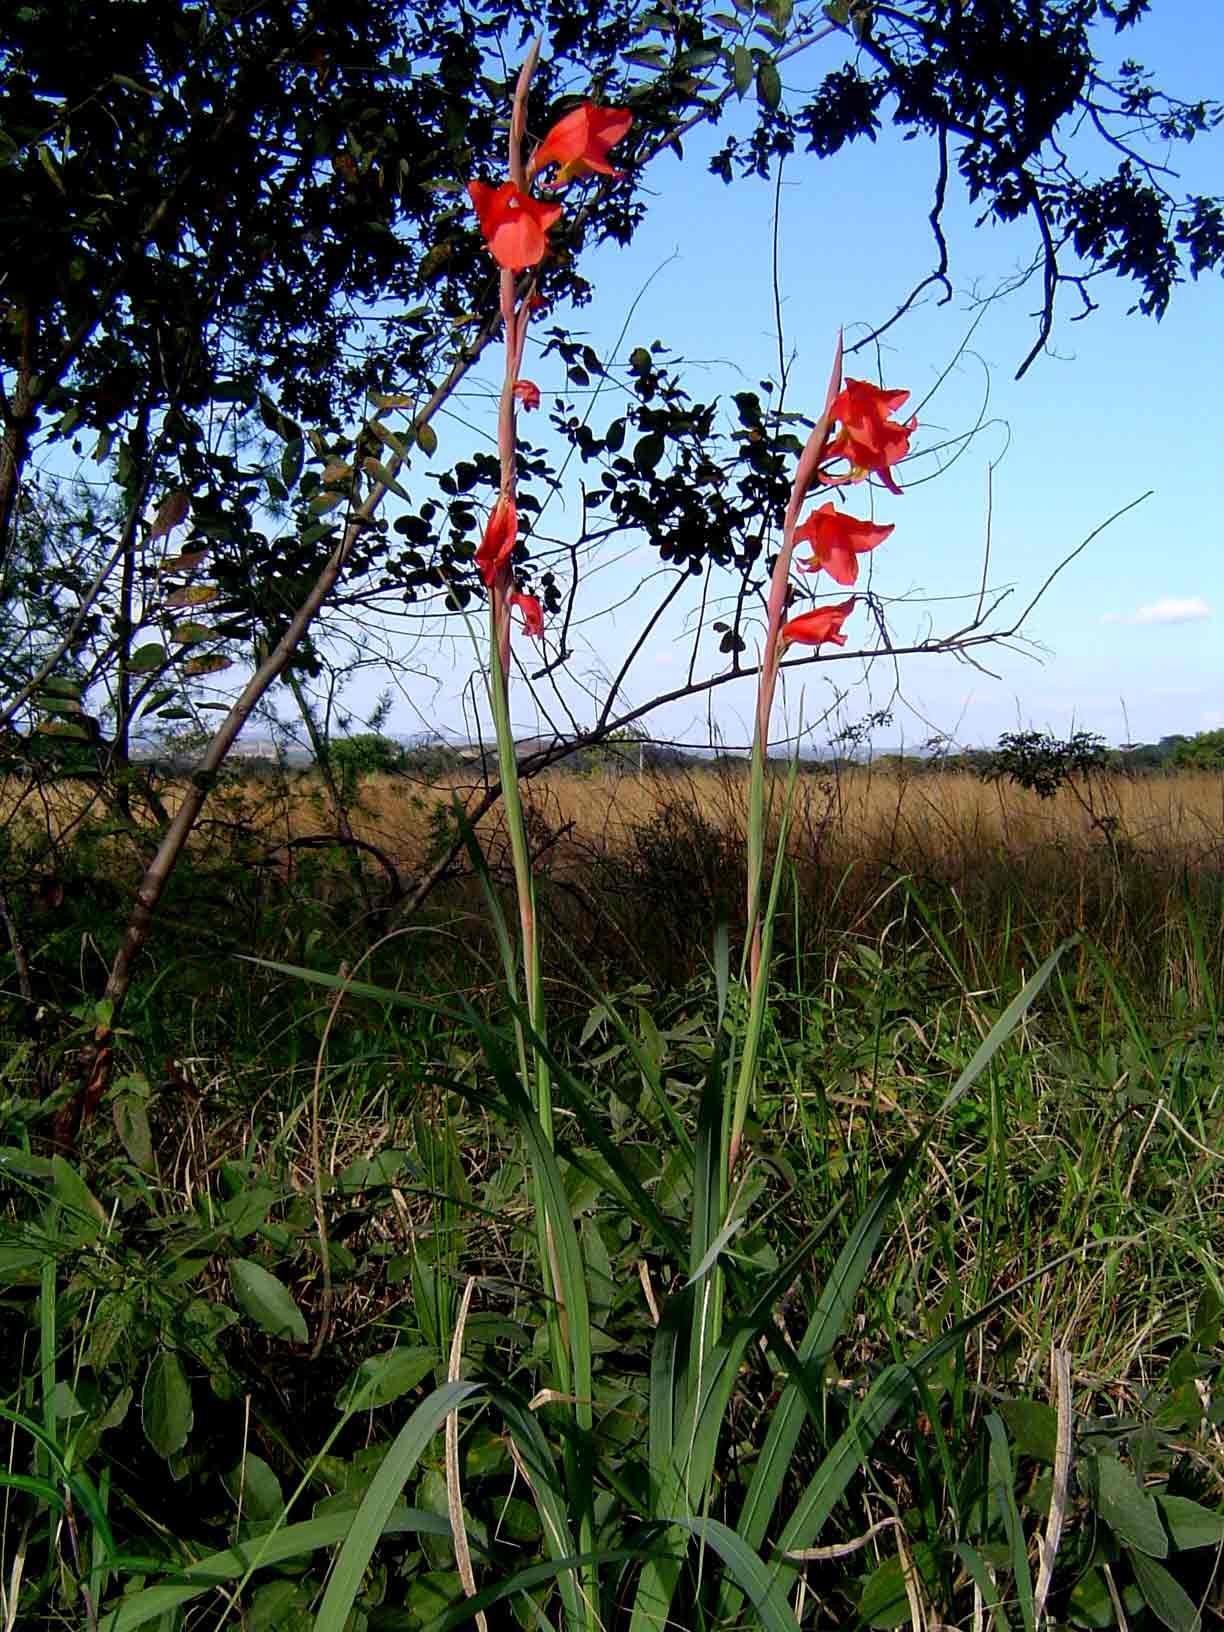 Gladiolus dalenii subsp. dalenii (red form)